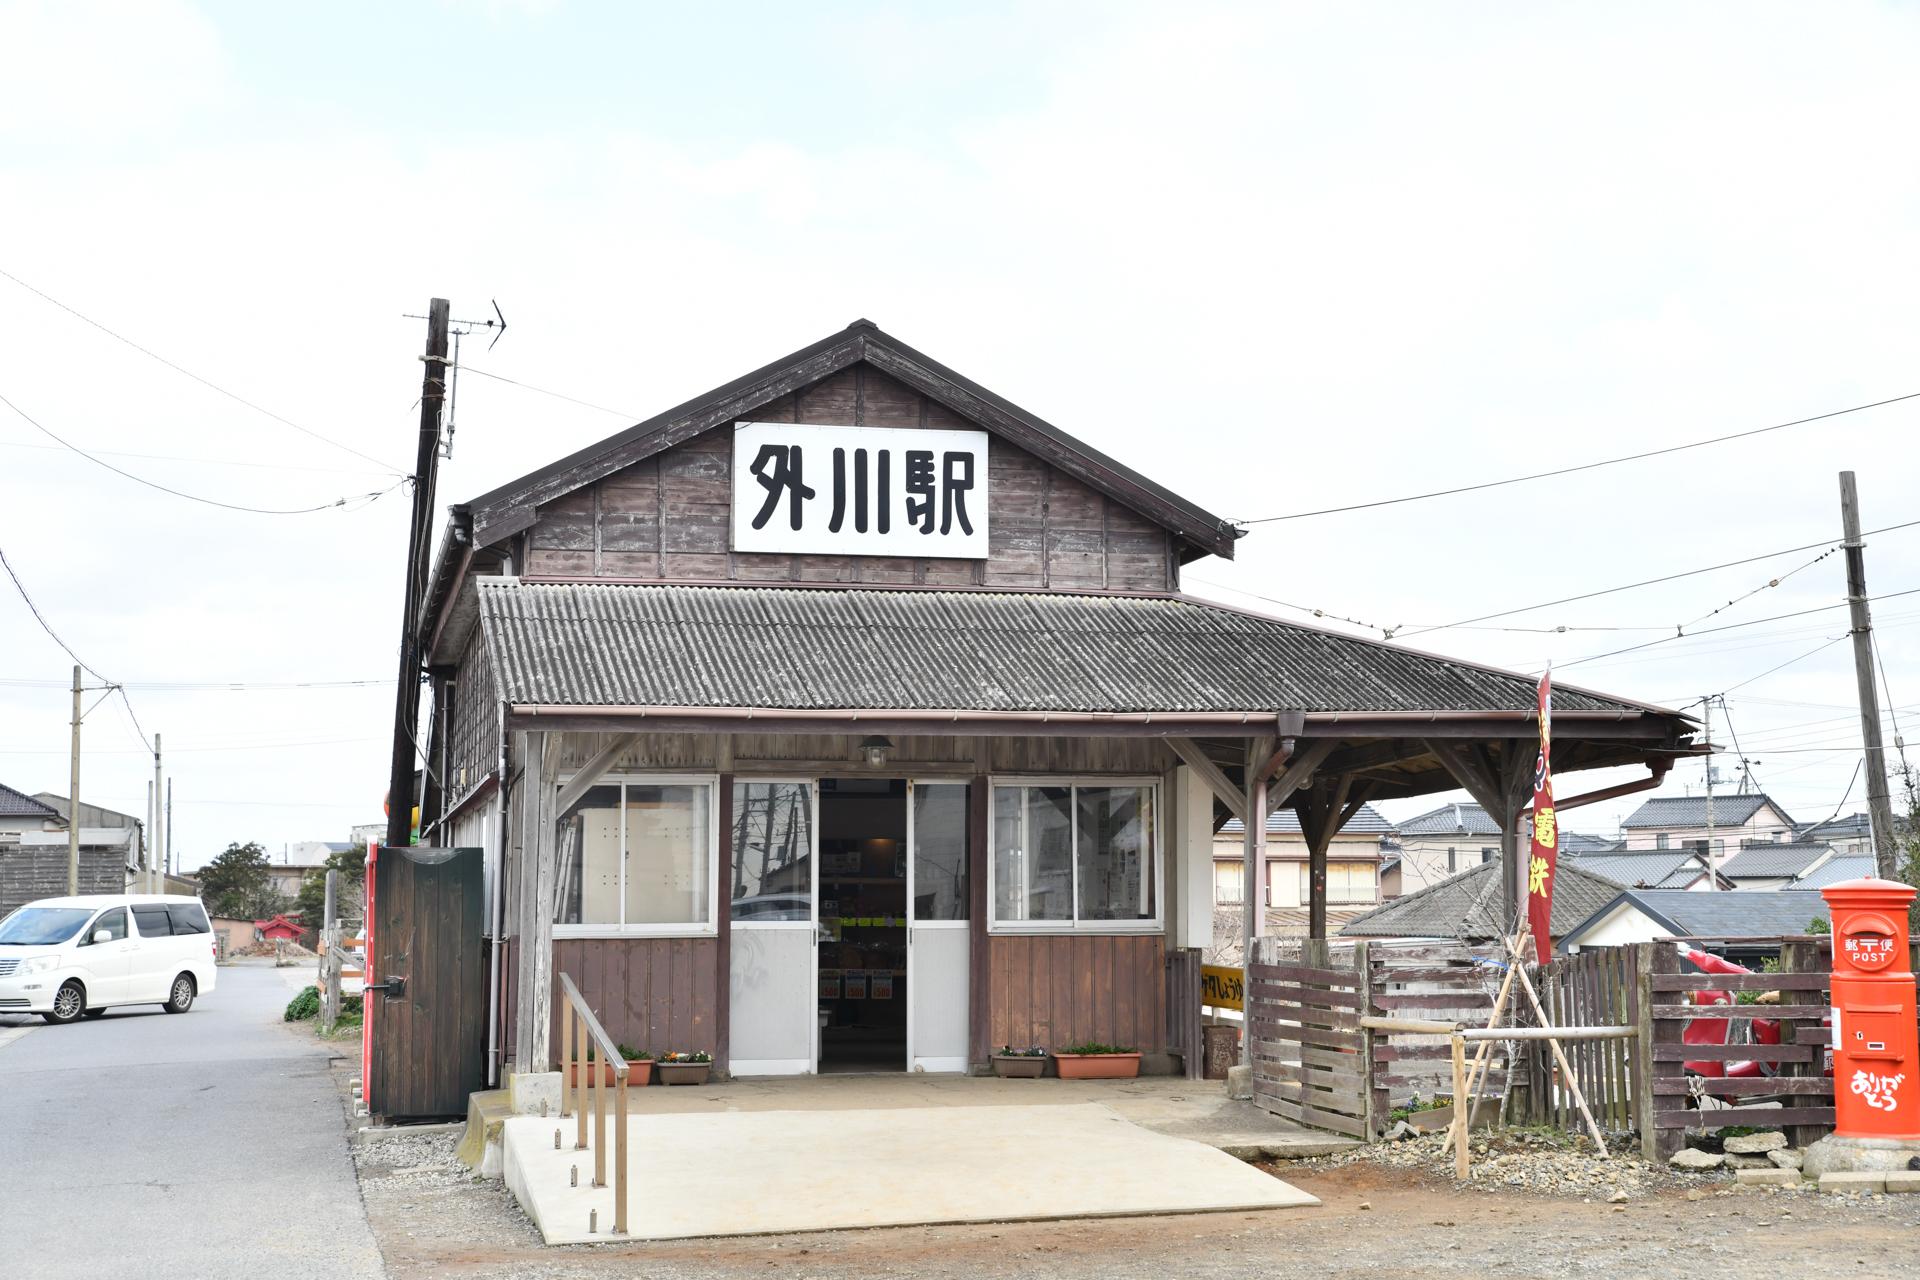 千葉県 銚子 外川駅 Nikon D850 SP 24-70mm F/2.8 Di VC USD G2